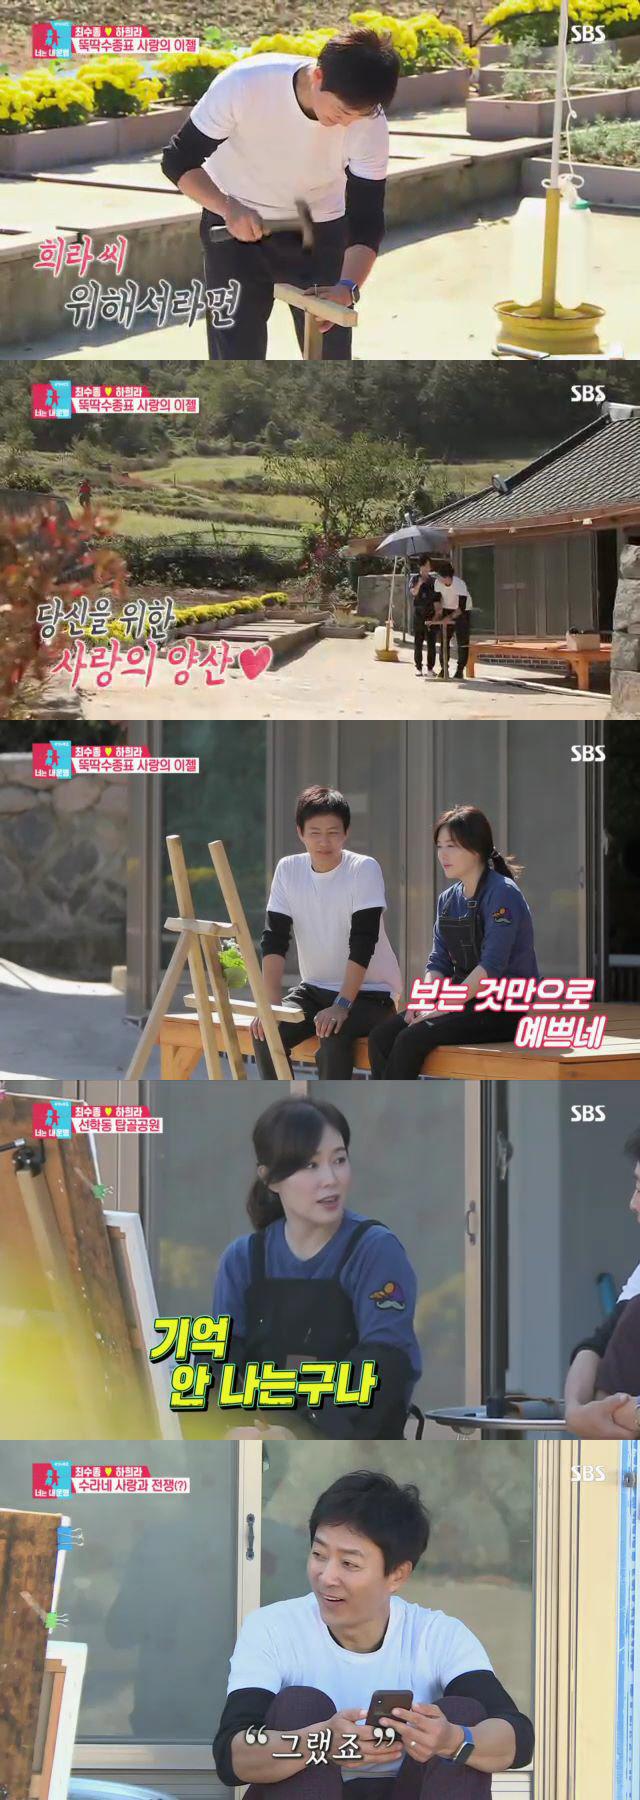 연애 비하인드 스토리를 공개한 최수종♥하희라 부부 '너는 내 운명'. SBS 제공